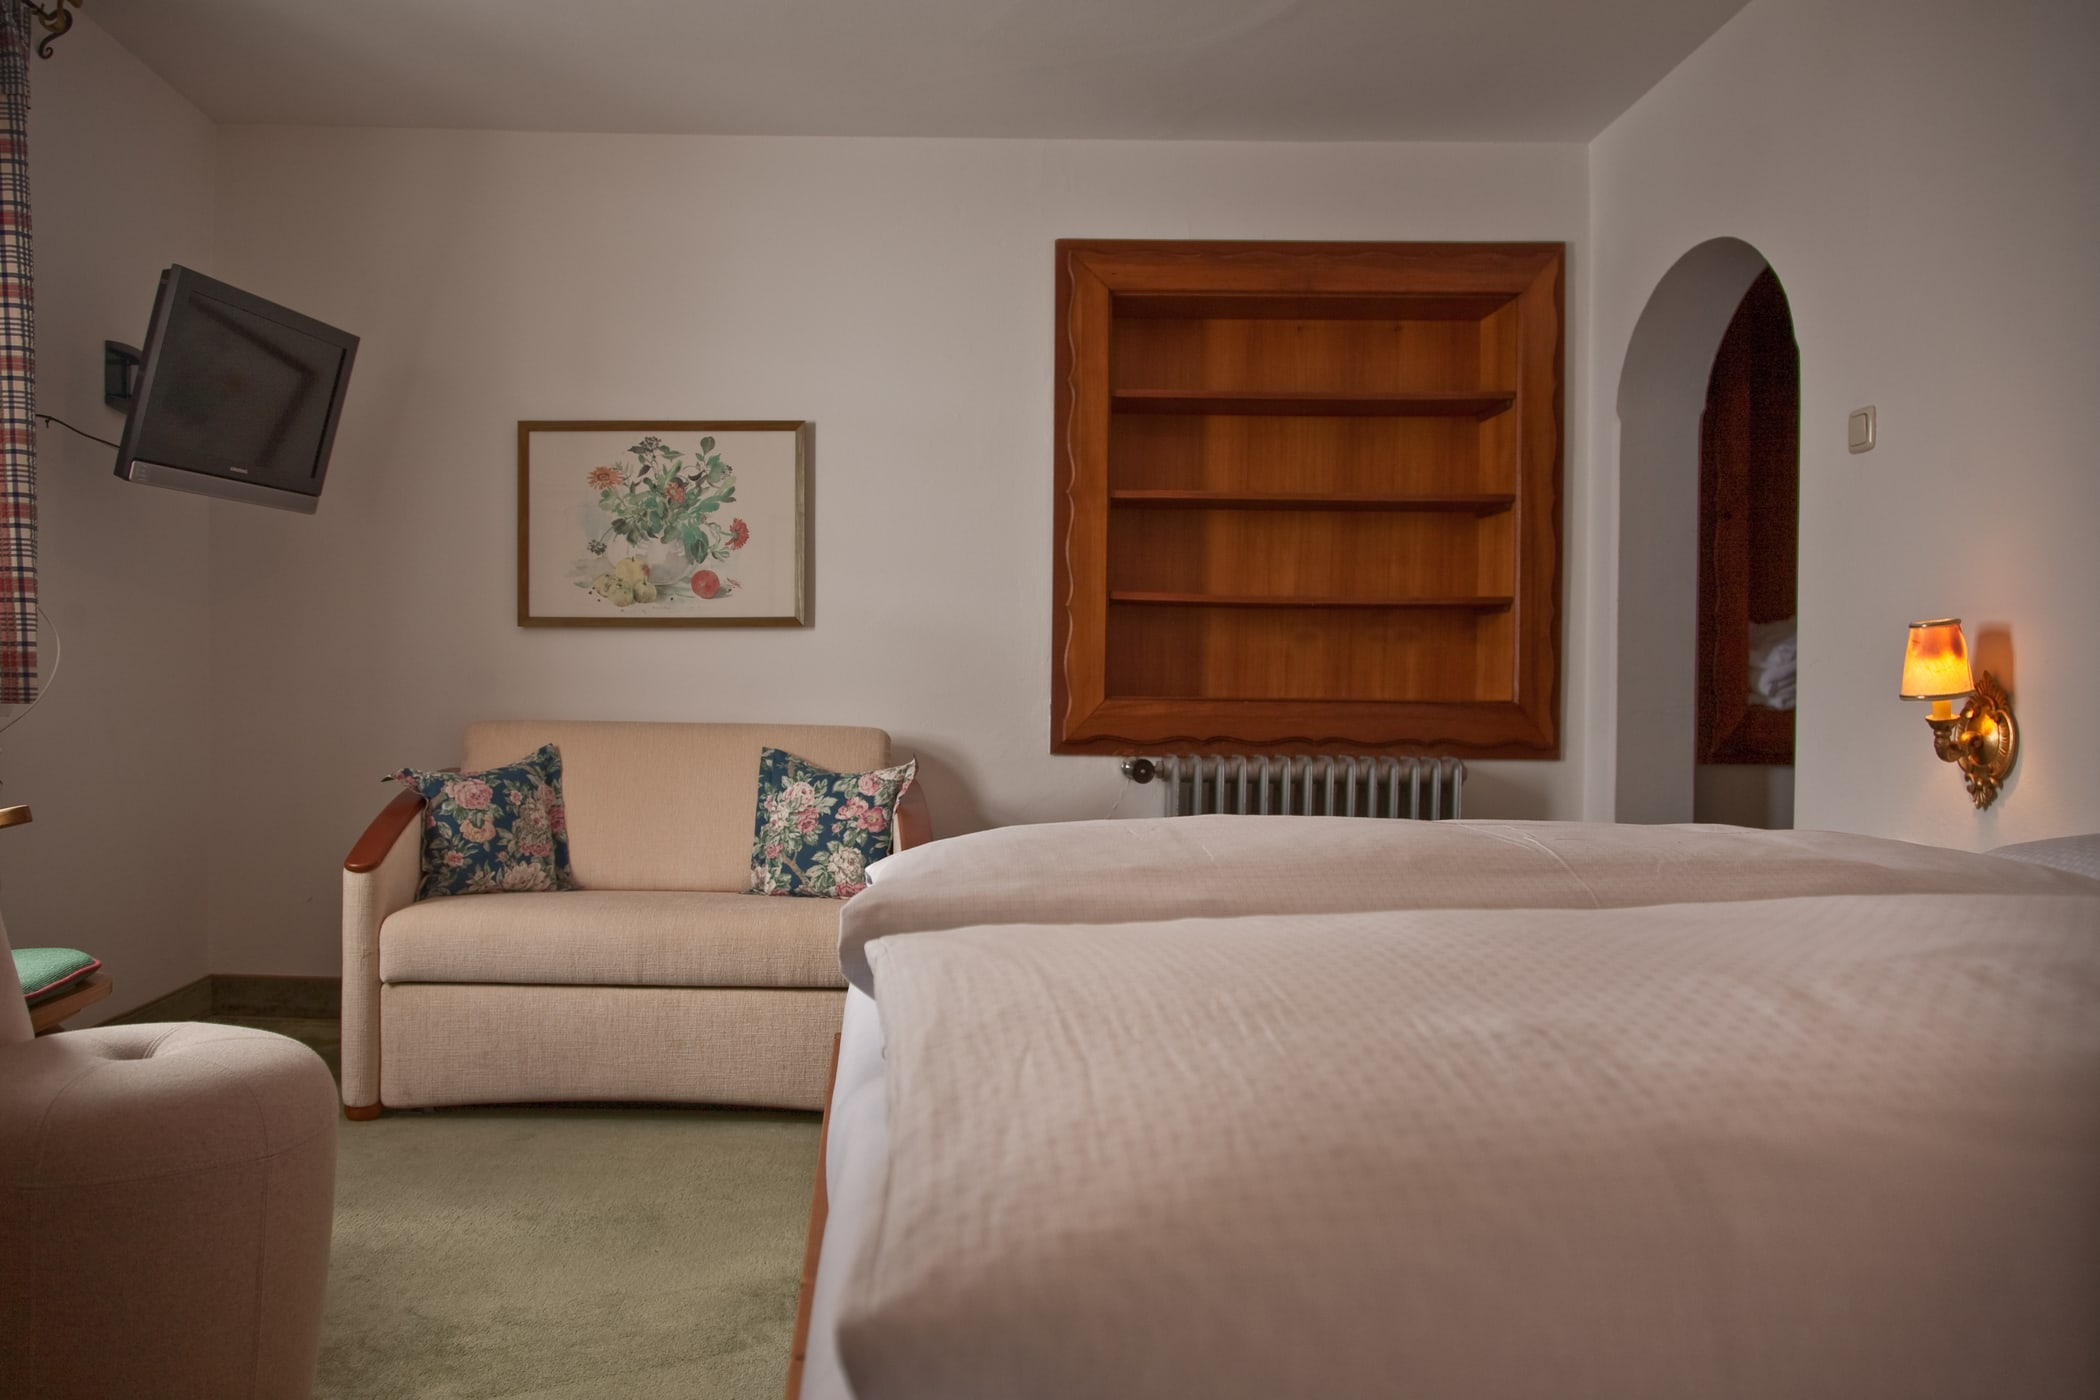 zimmer-urlaub-arlberg-zimmer-flexen-1f-hotel-flexen-zuers-am-arlberg